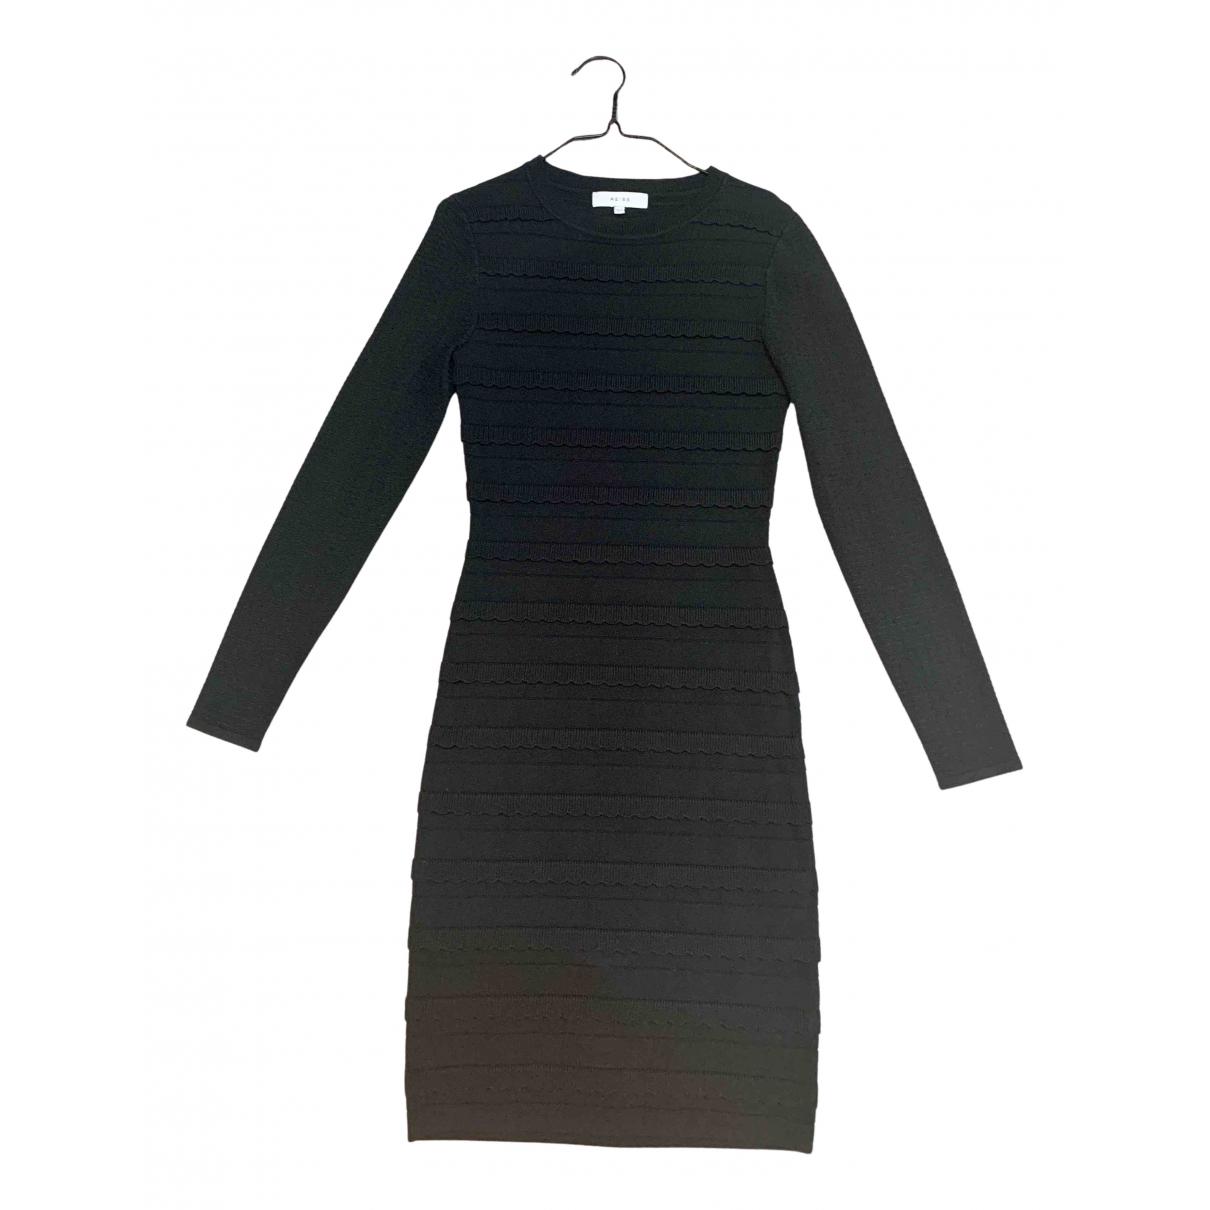 Reiss \N Kleid in  Schwarz Polyester